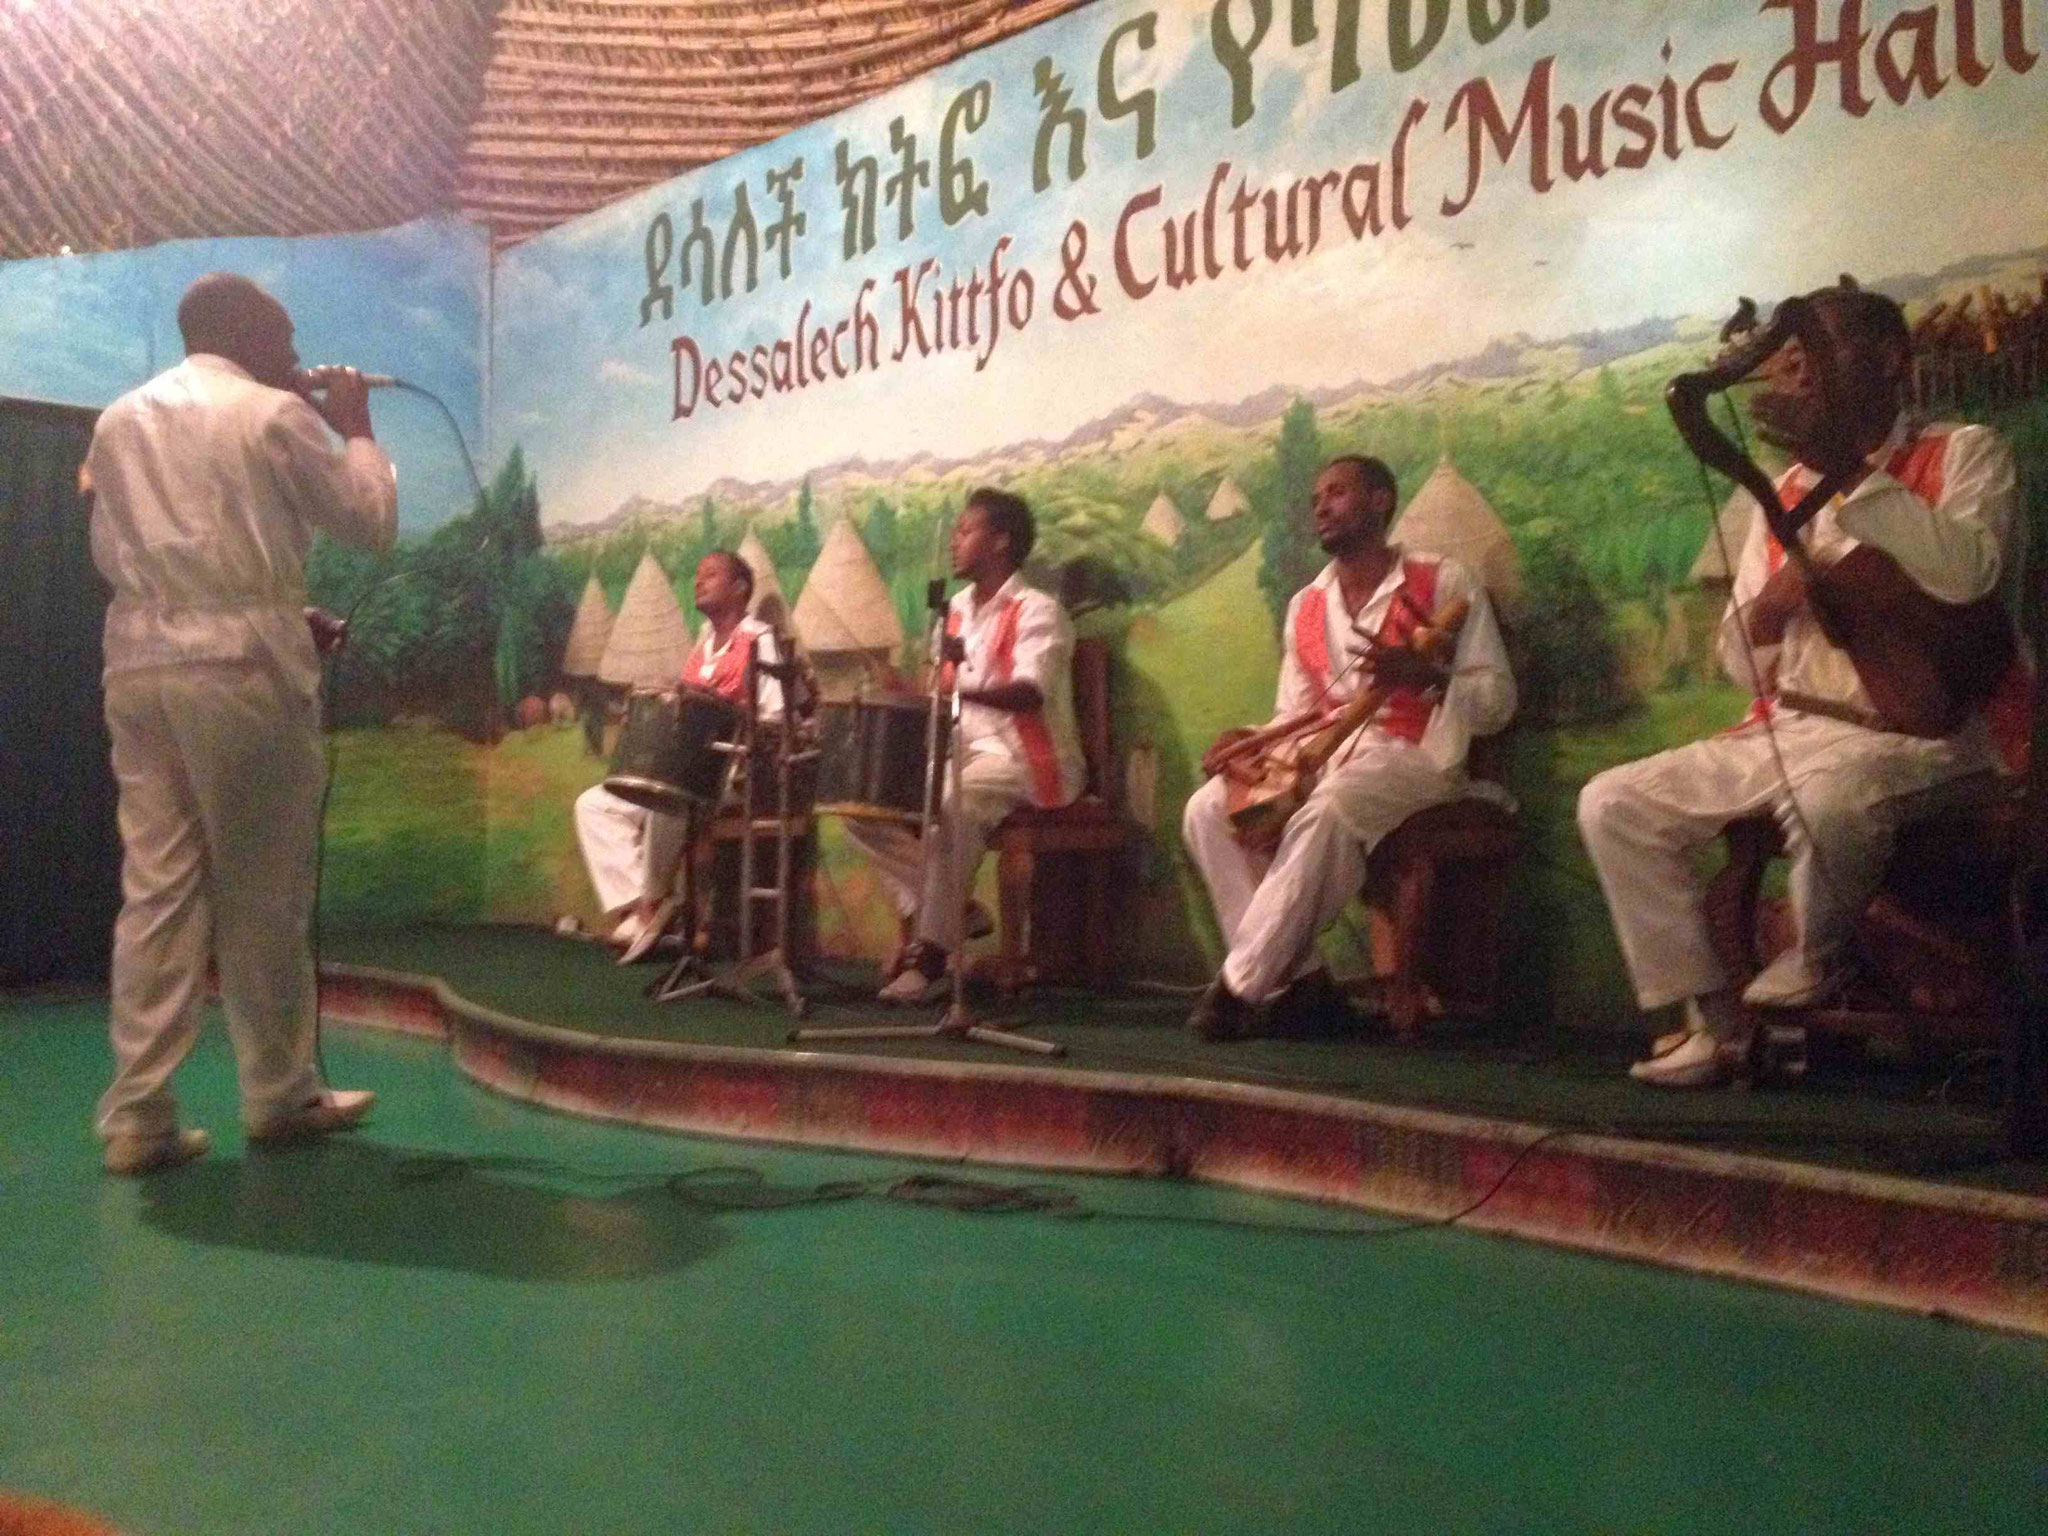 Les chanteurs éthiopiens prennent la relève